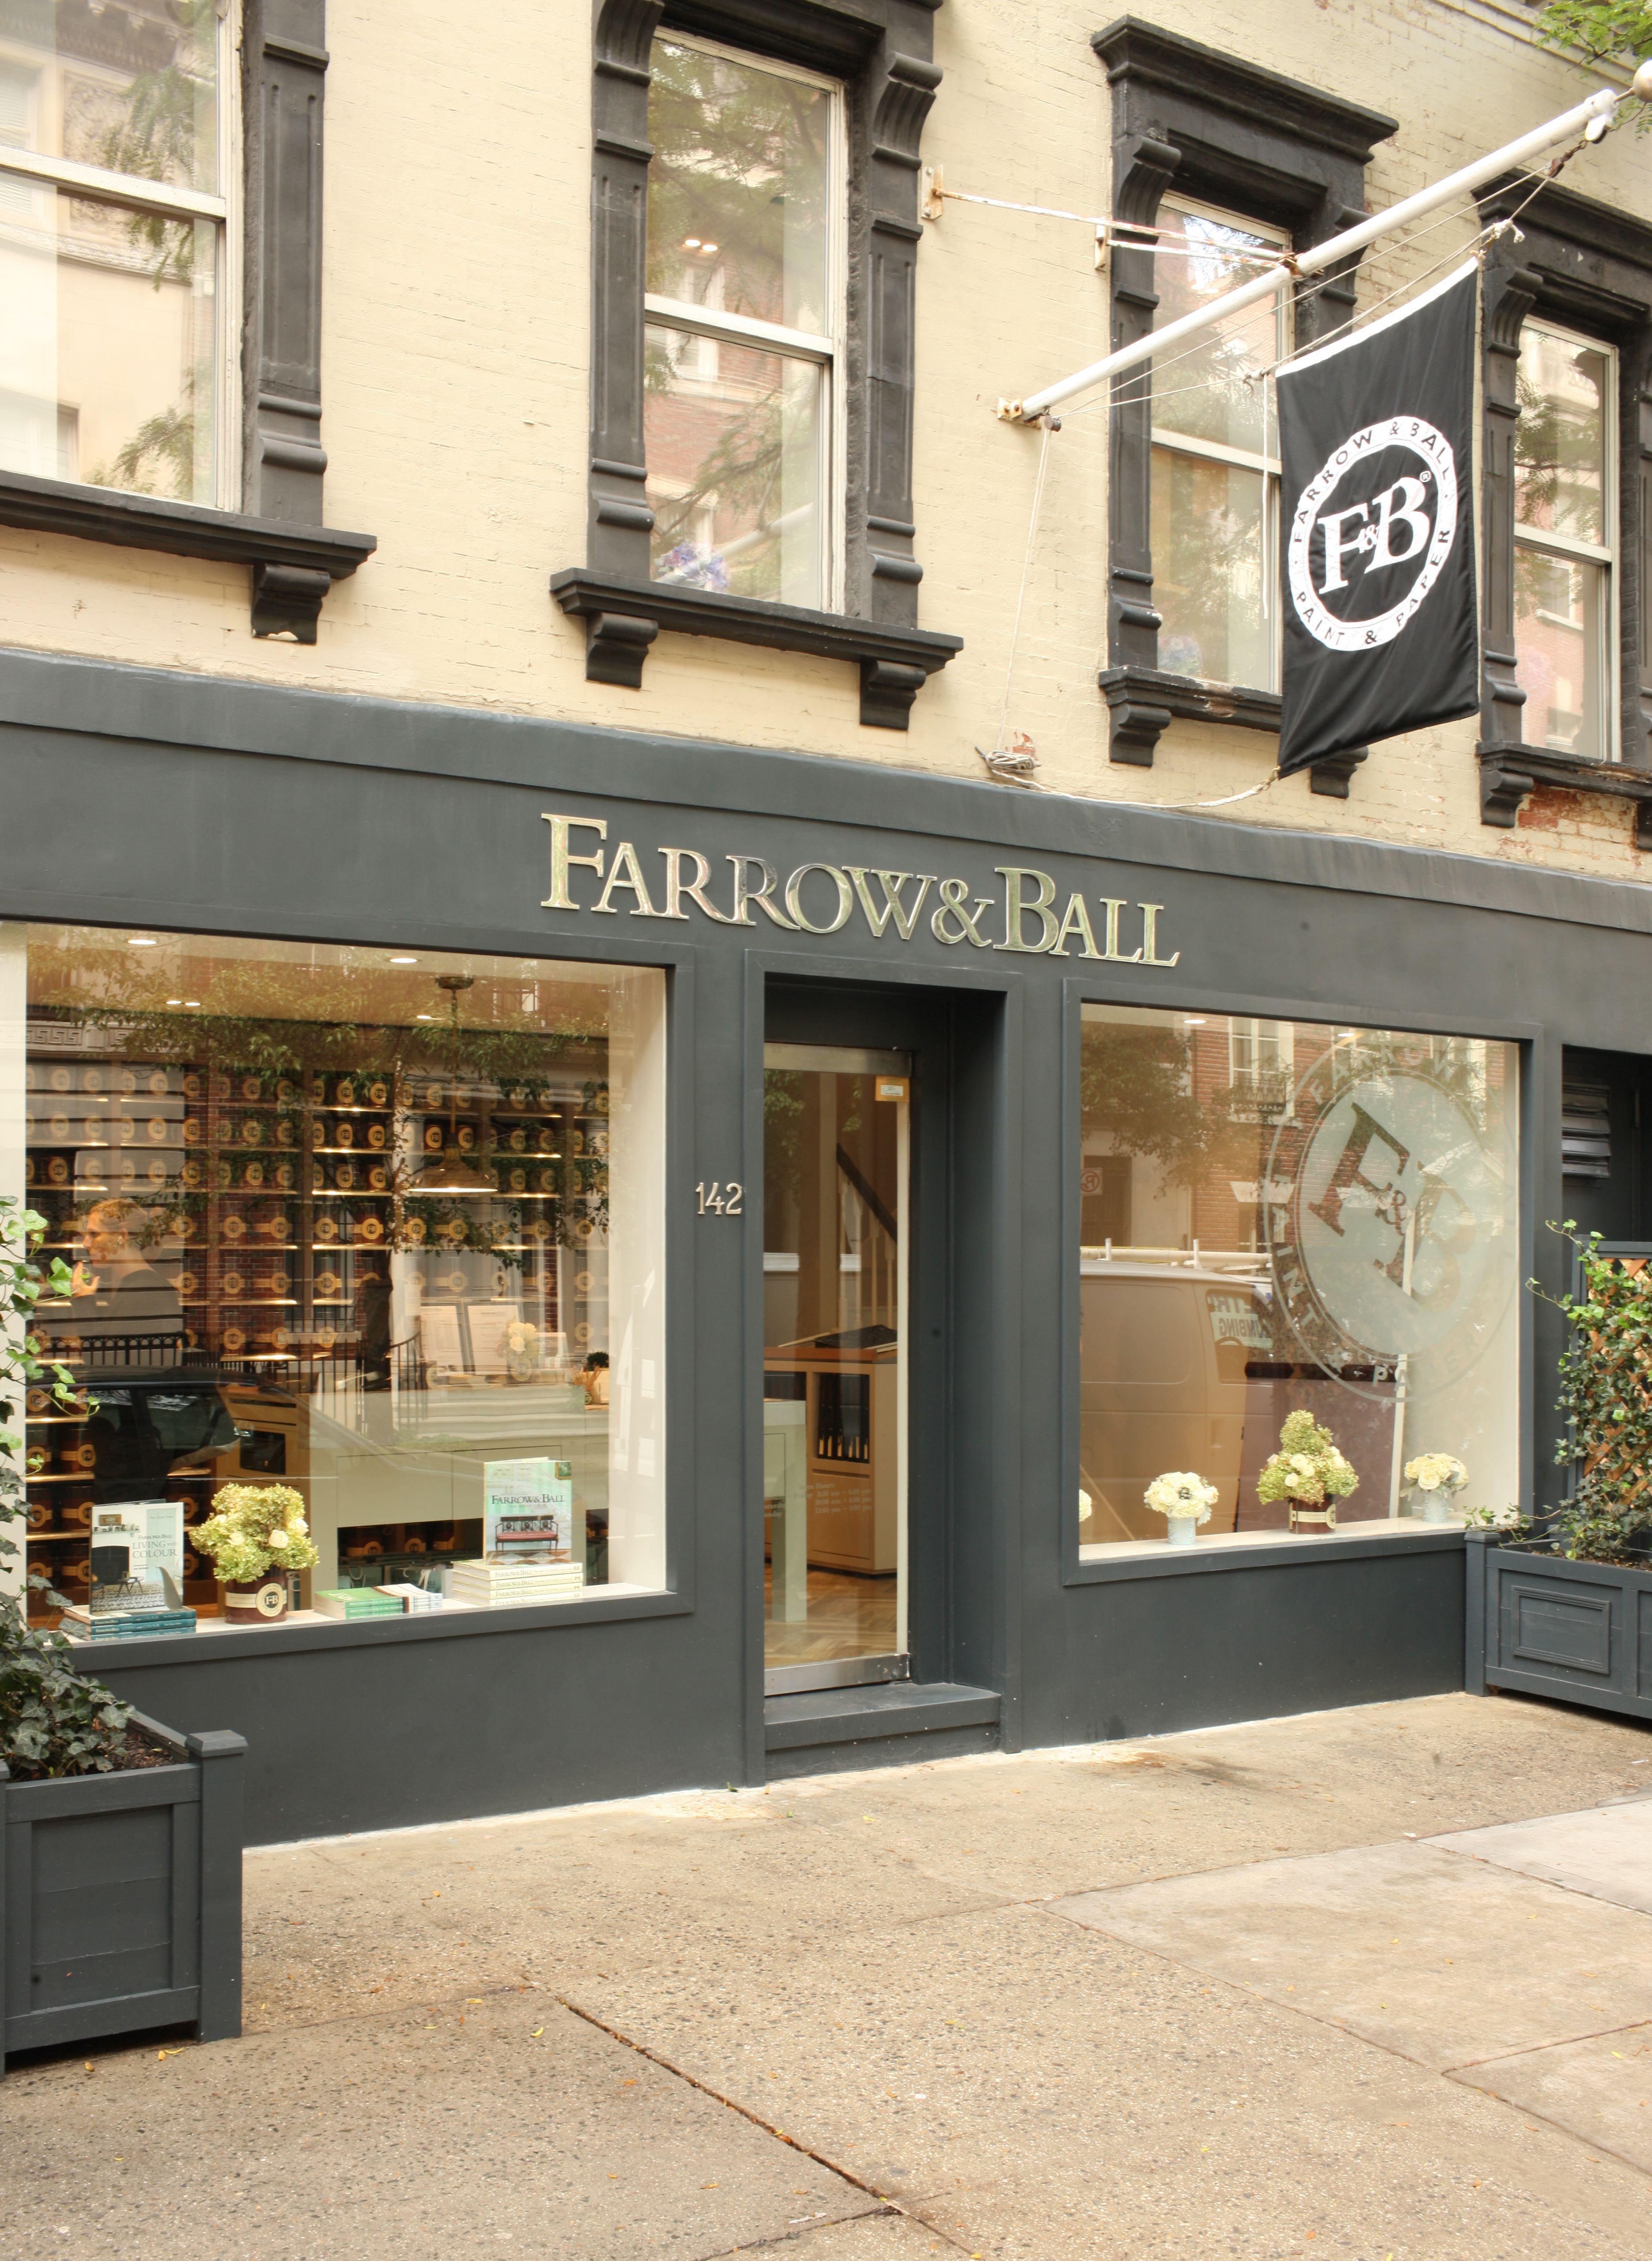 Exterior Of Farrow Ball 39 S Showroom In New York 39 S Upper East Side B U S I N E S S Pinterest